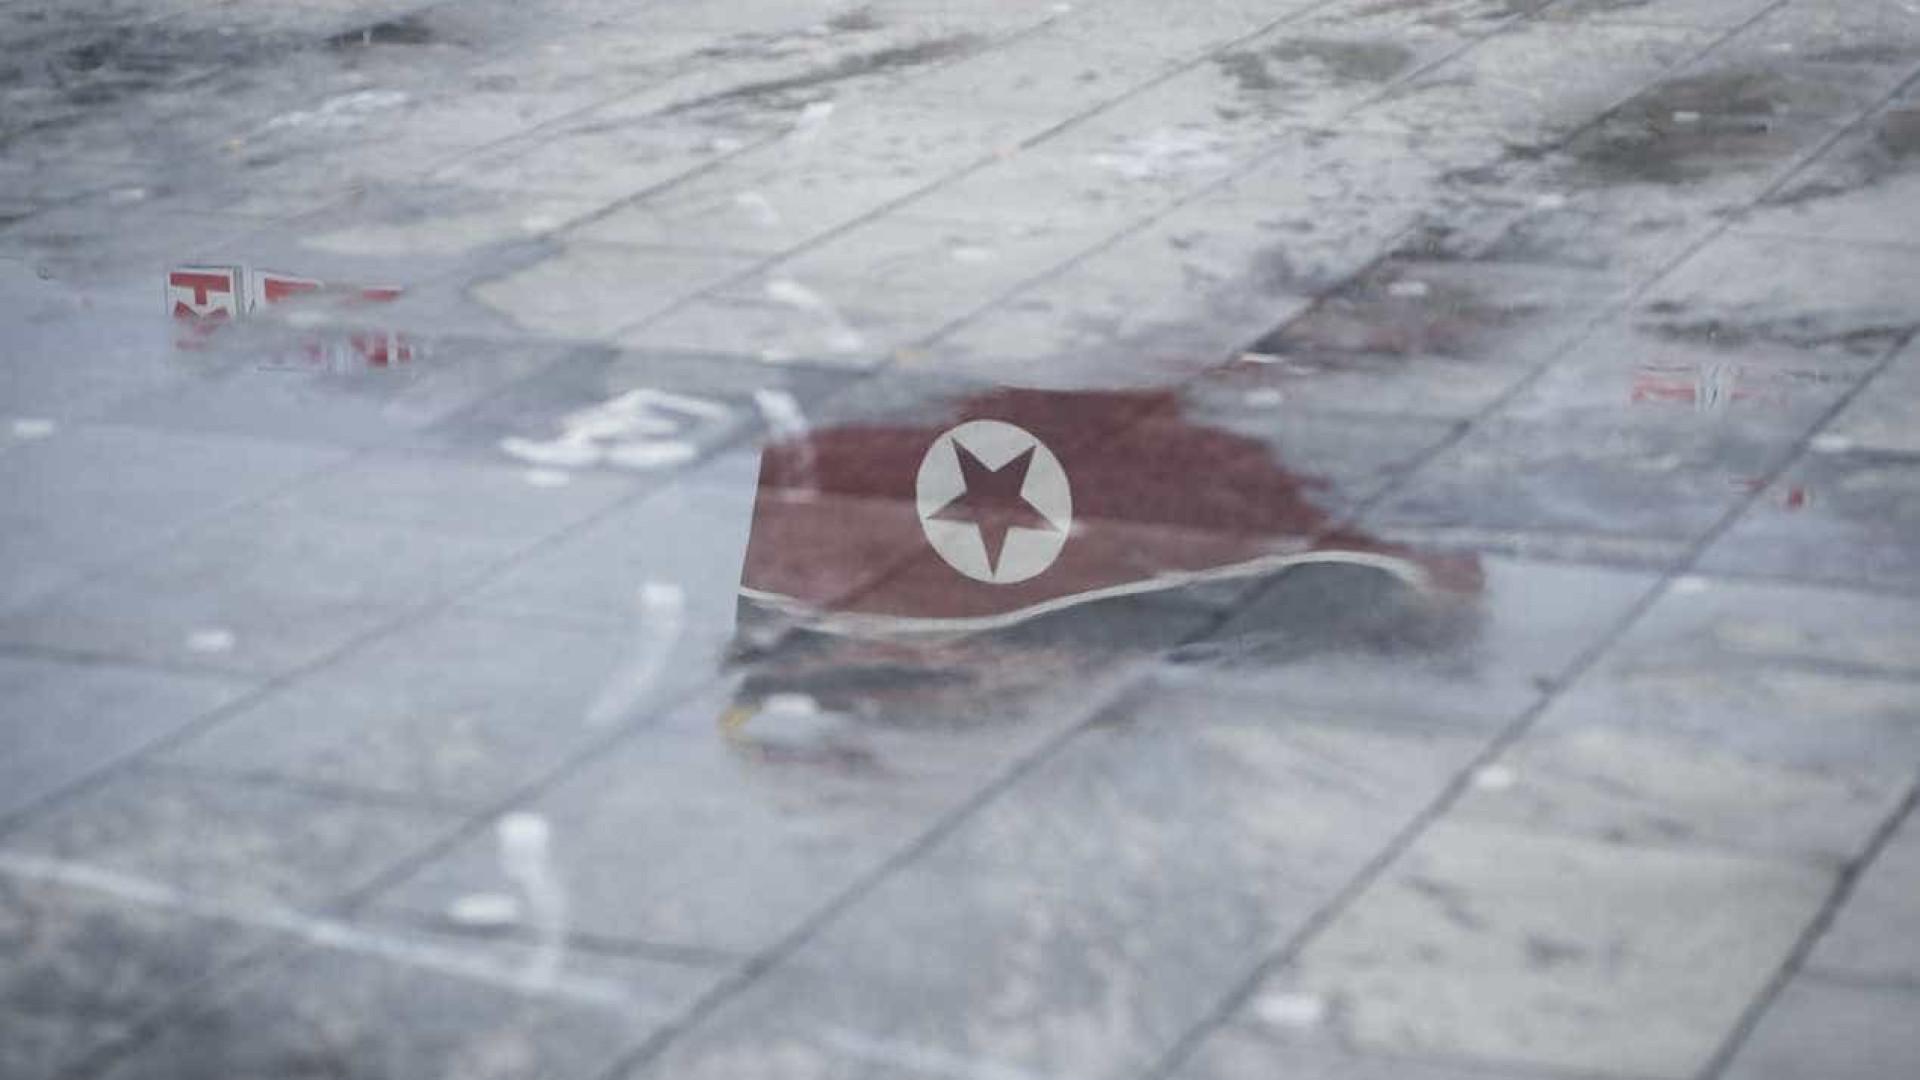 Meio-irmão de Kim Jong Un foi morto com substância neurotóxica